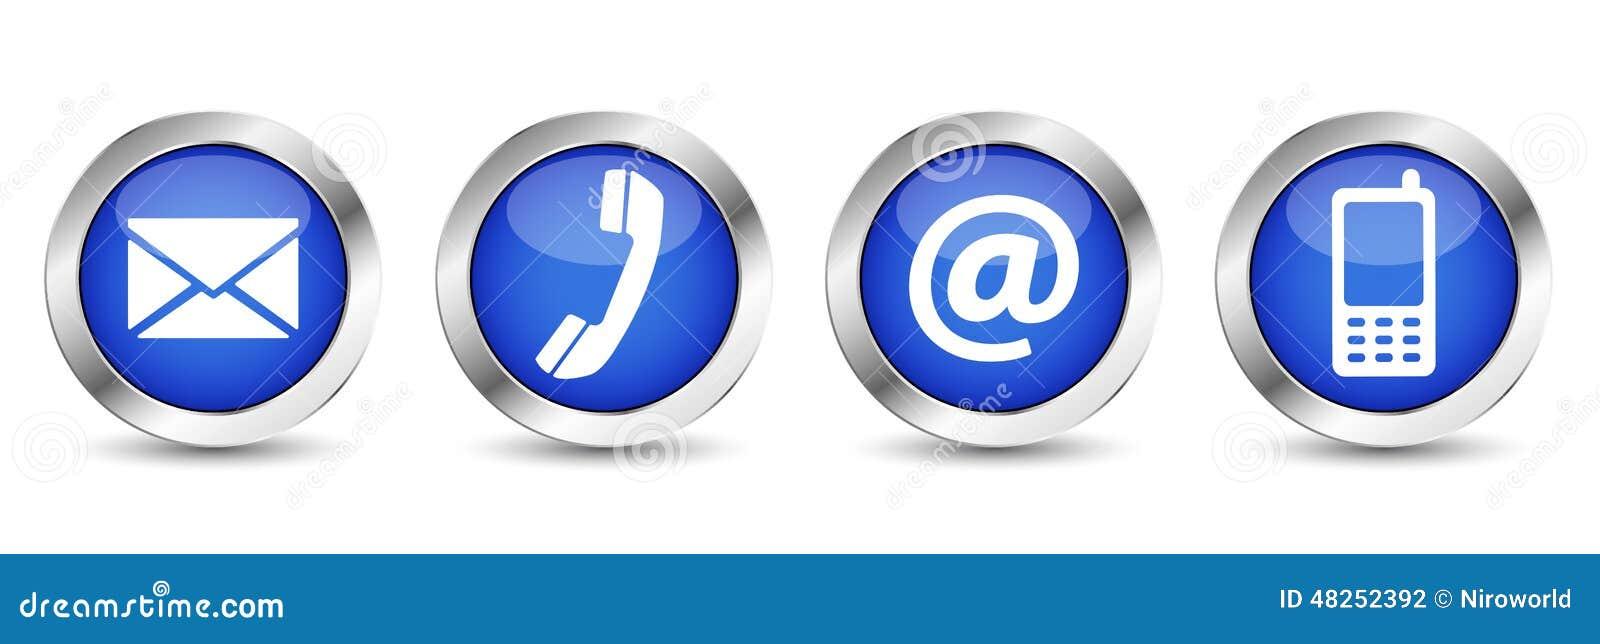 Boutons de contactez-nous de Web